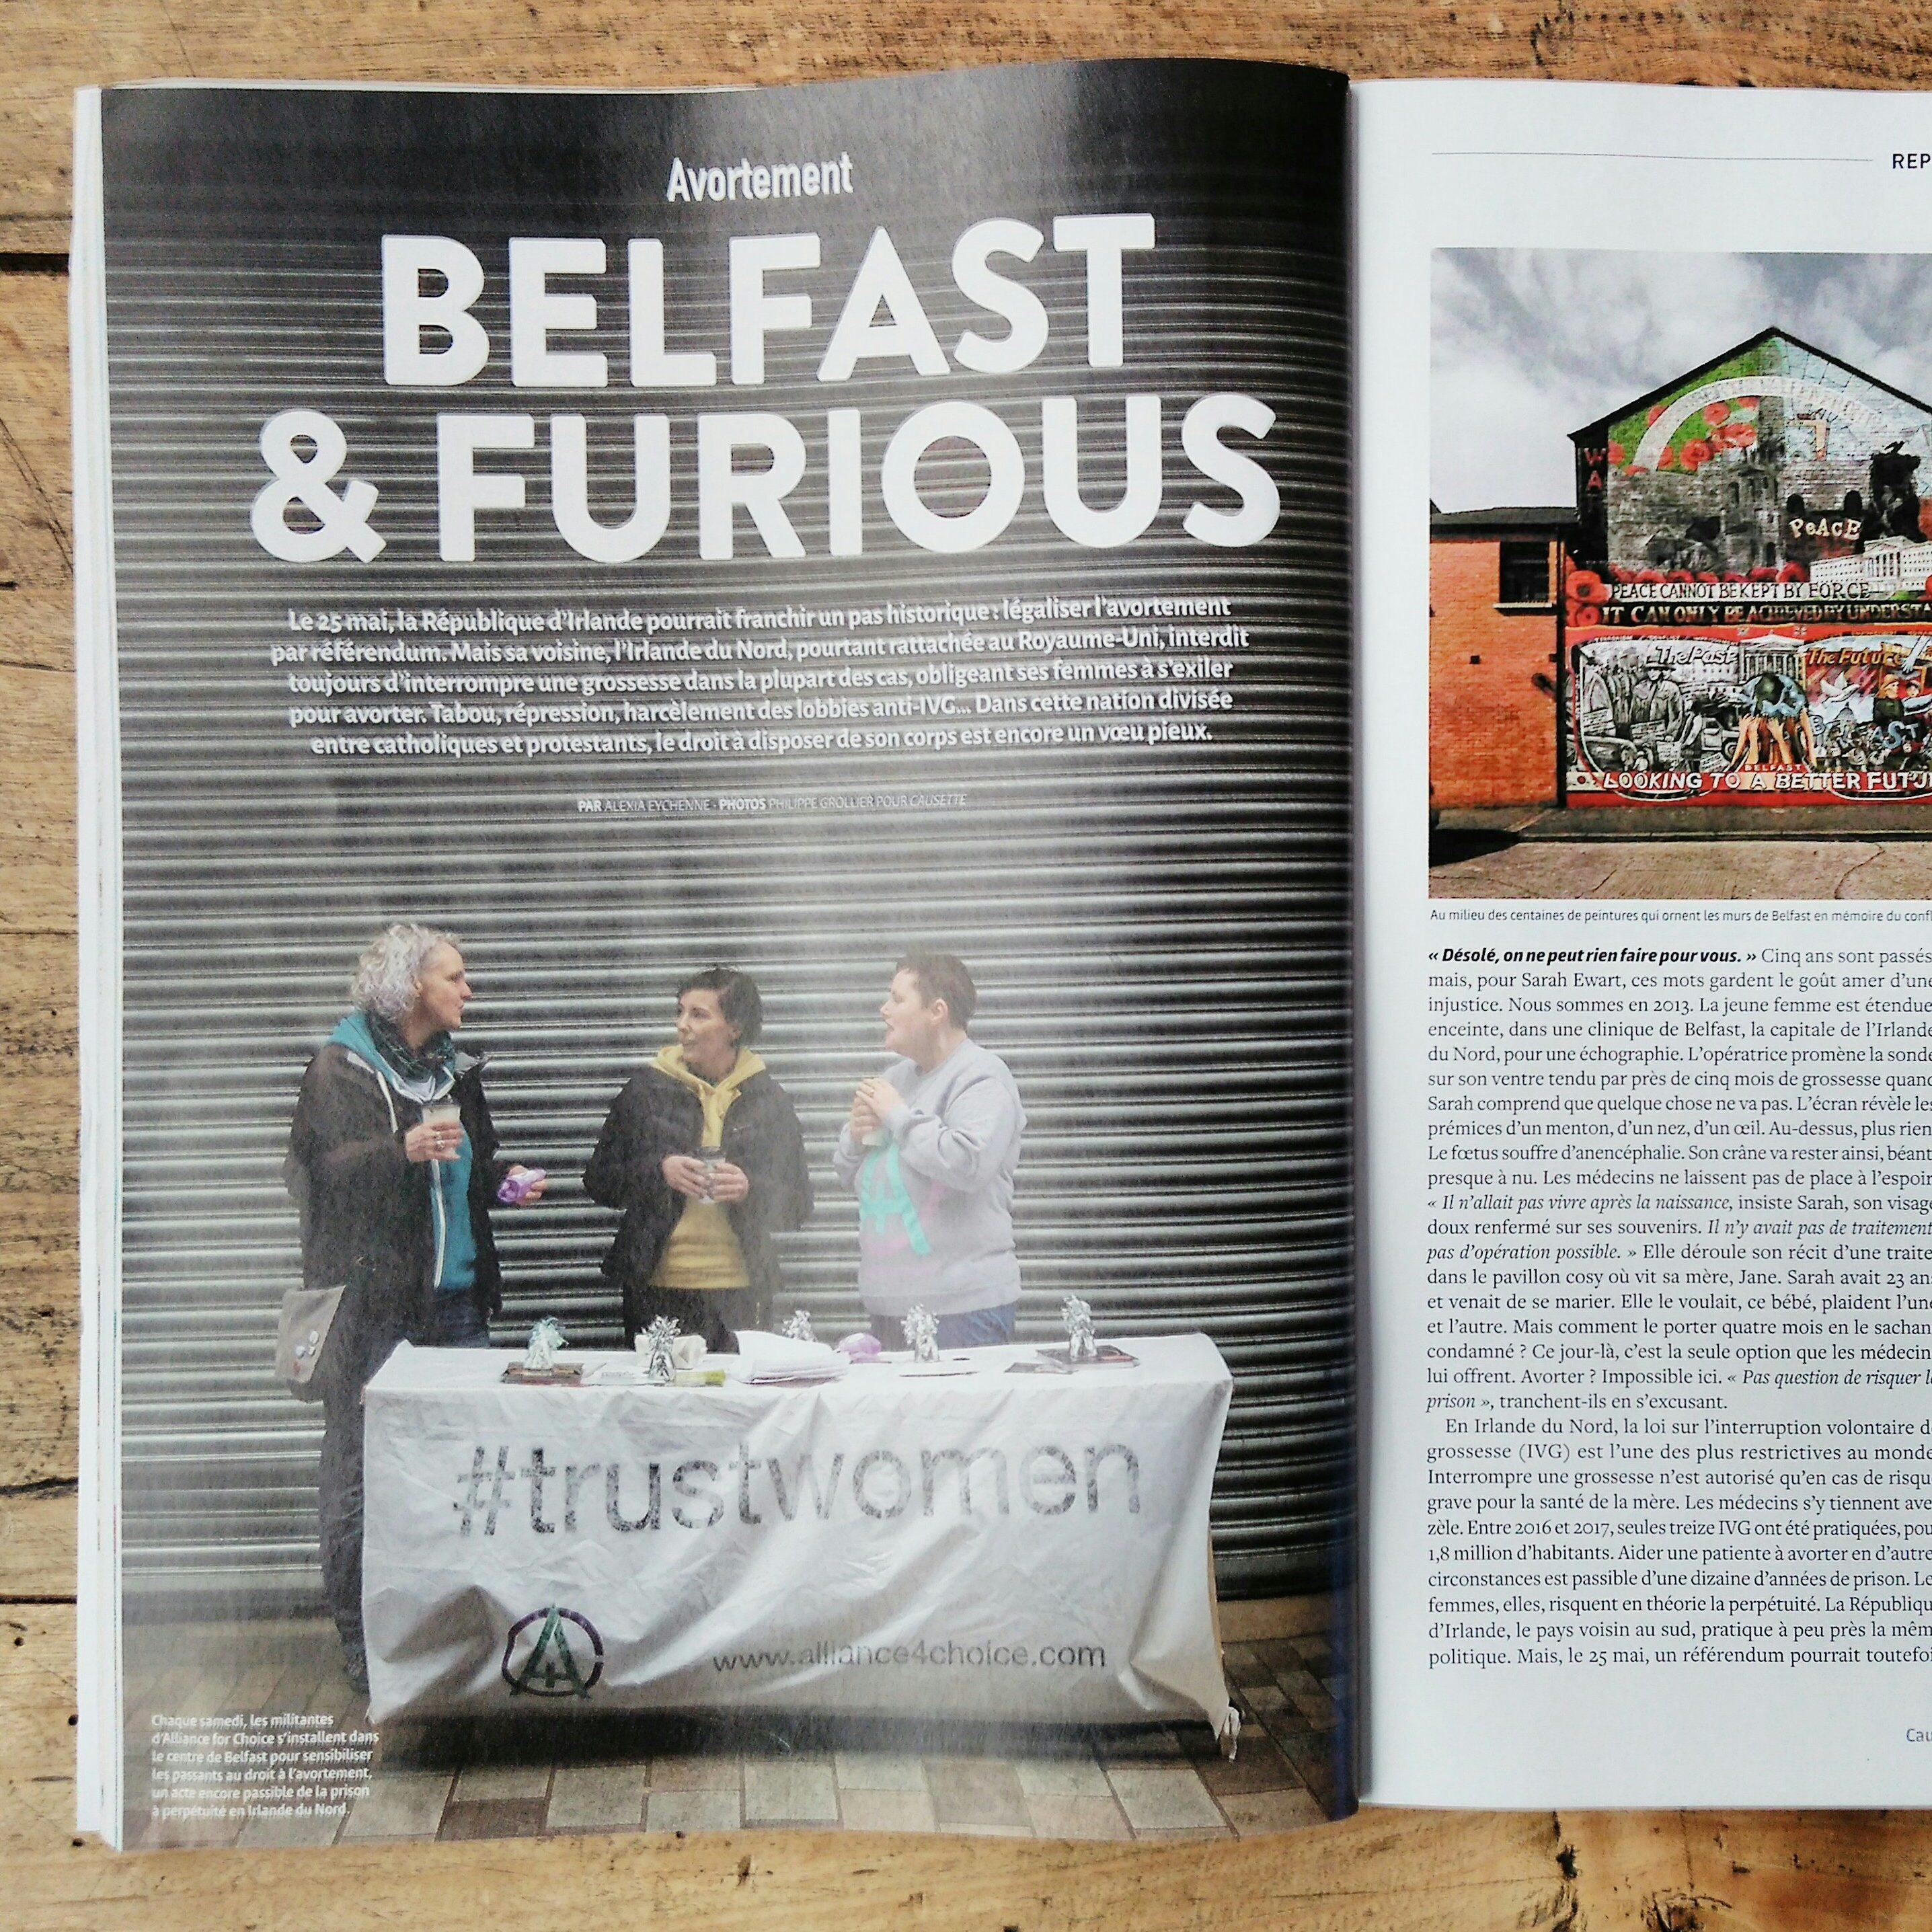 Belfast & furious